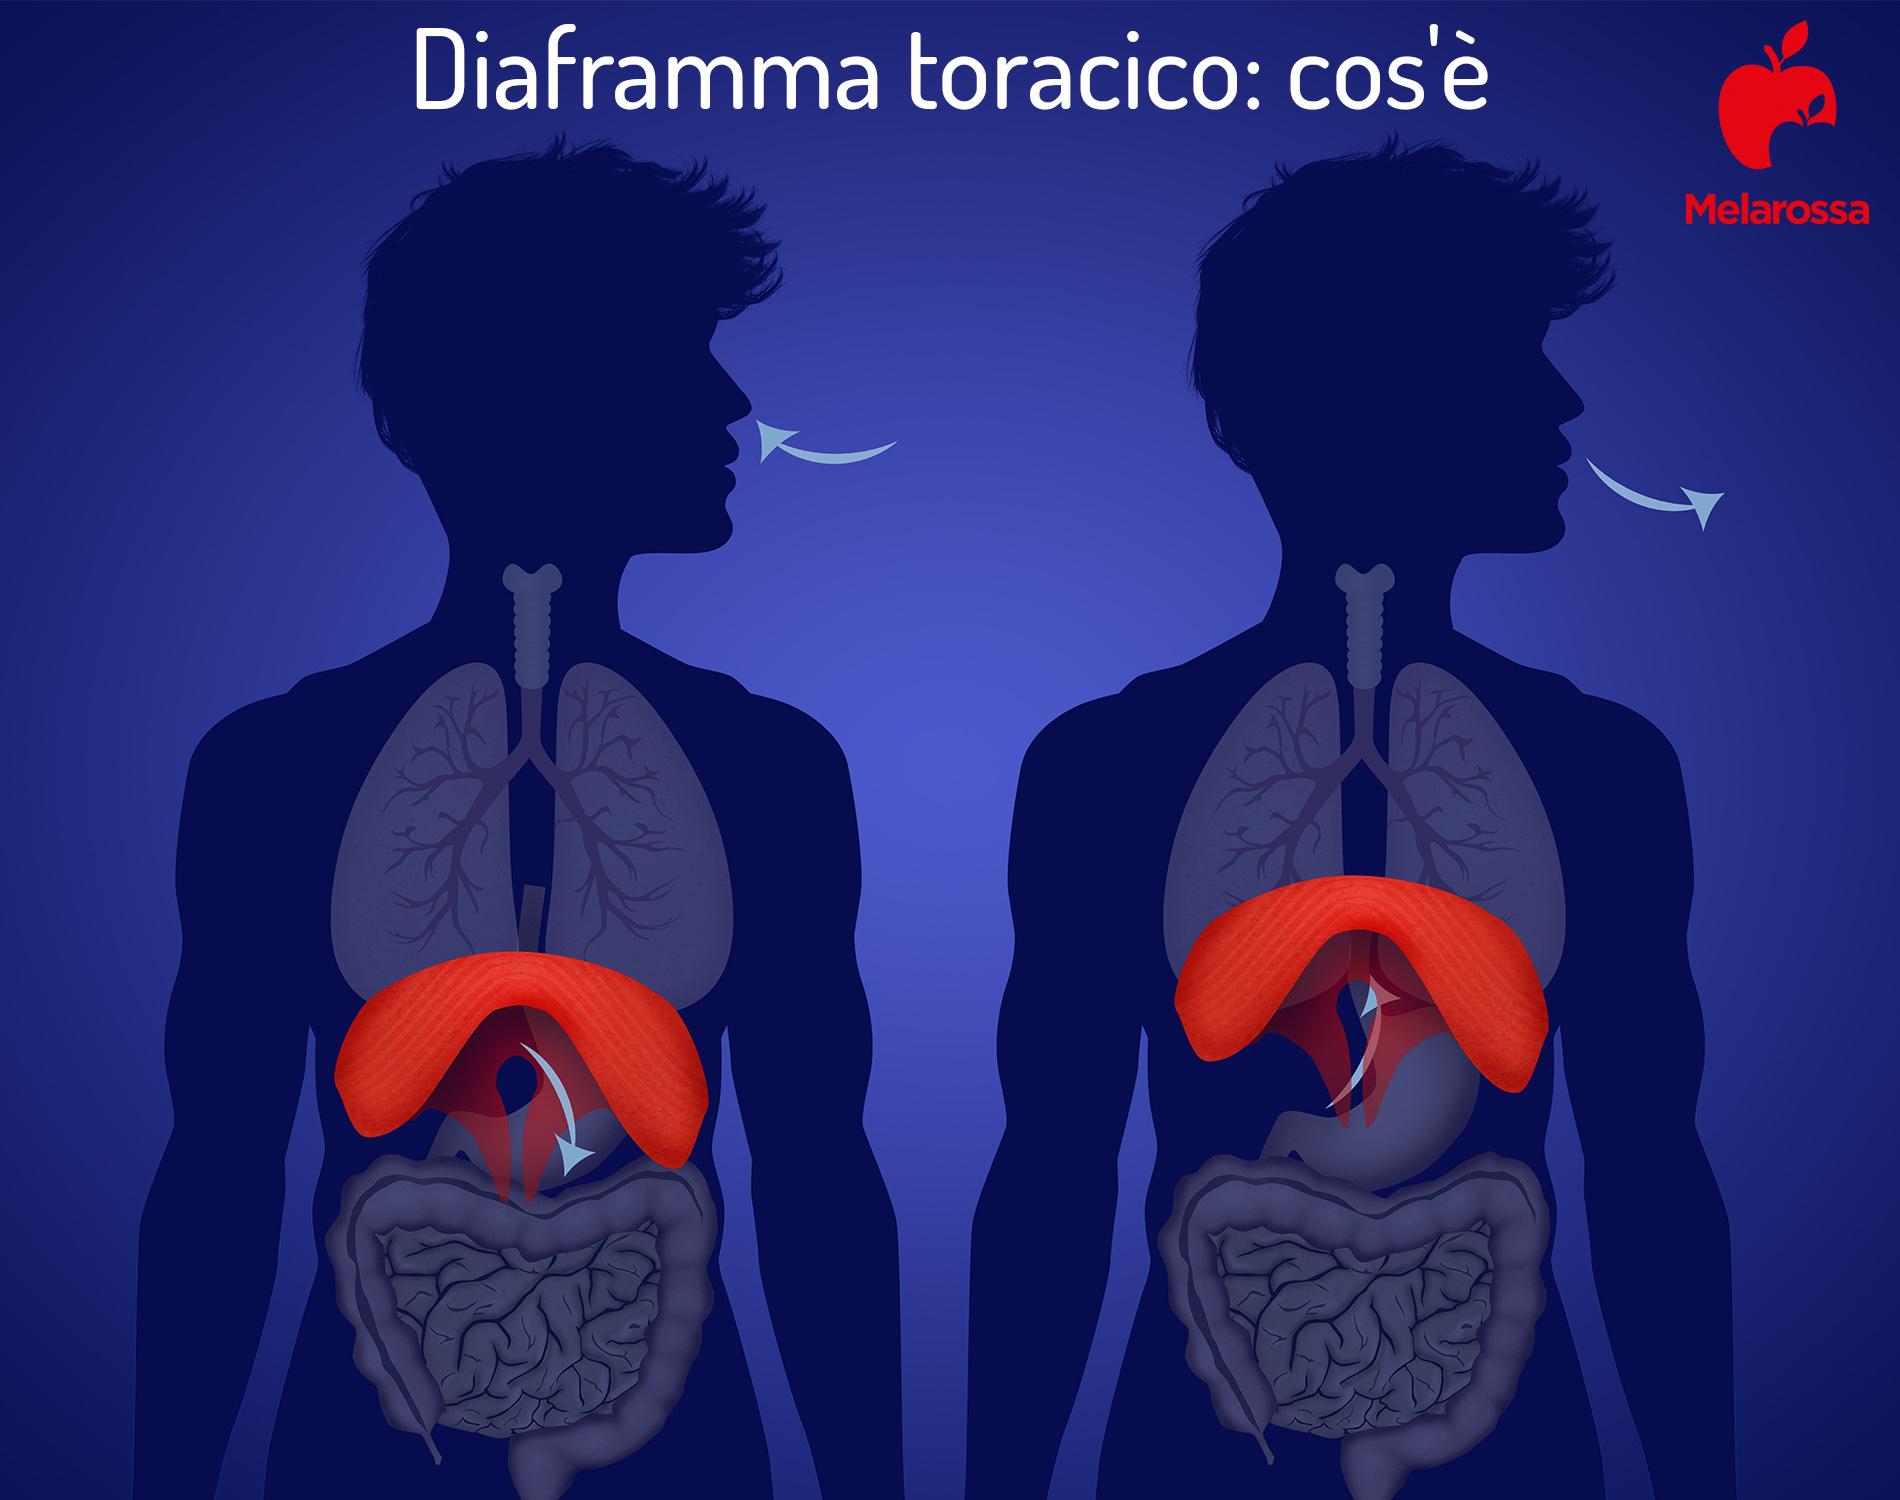 diaframma toracico: cos'è